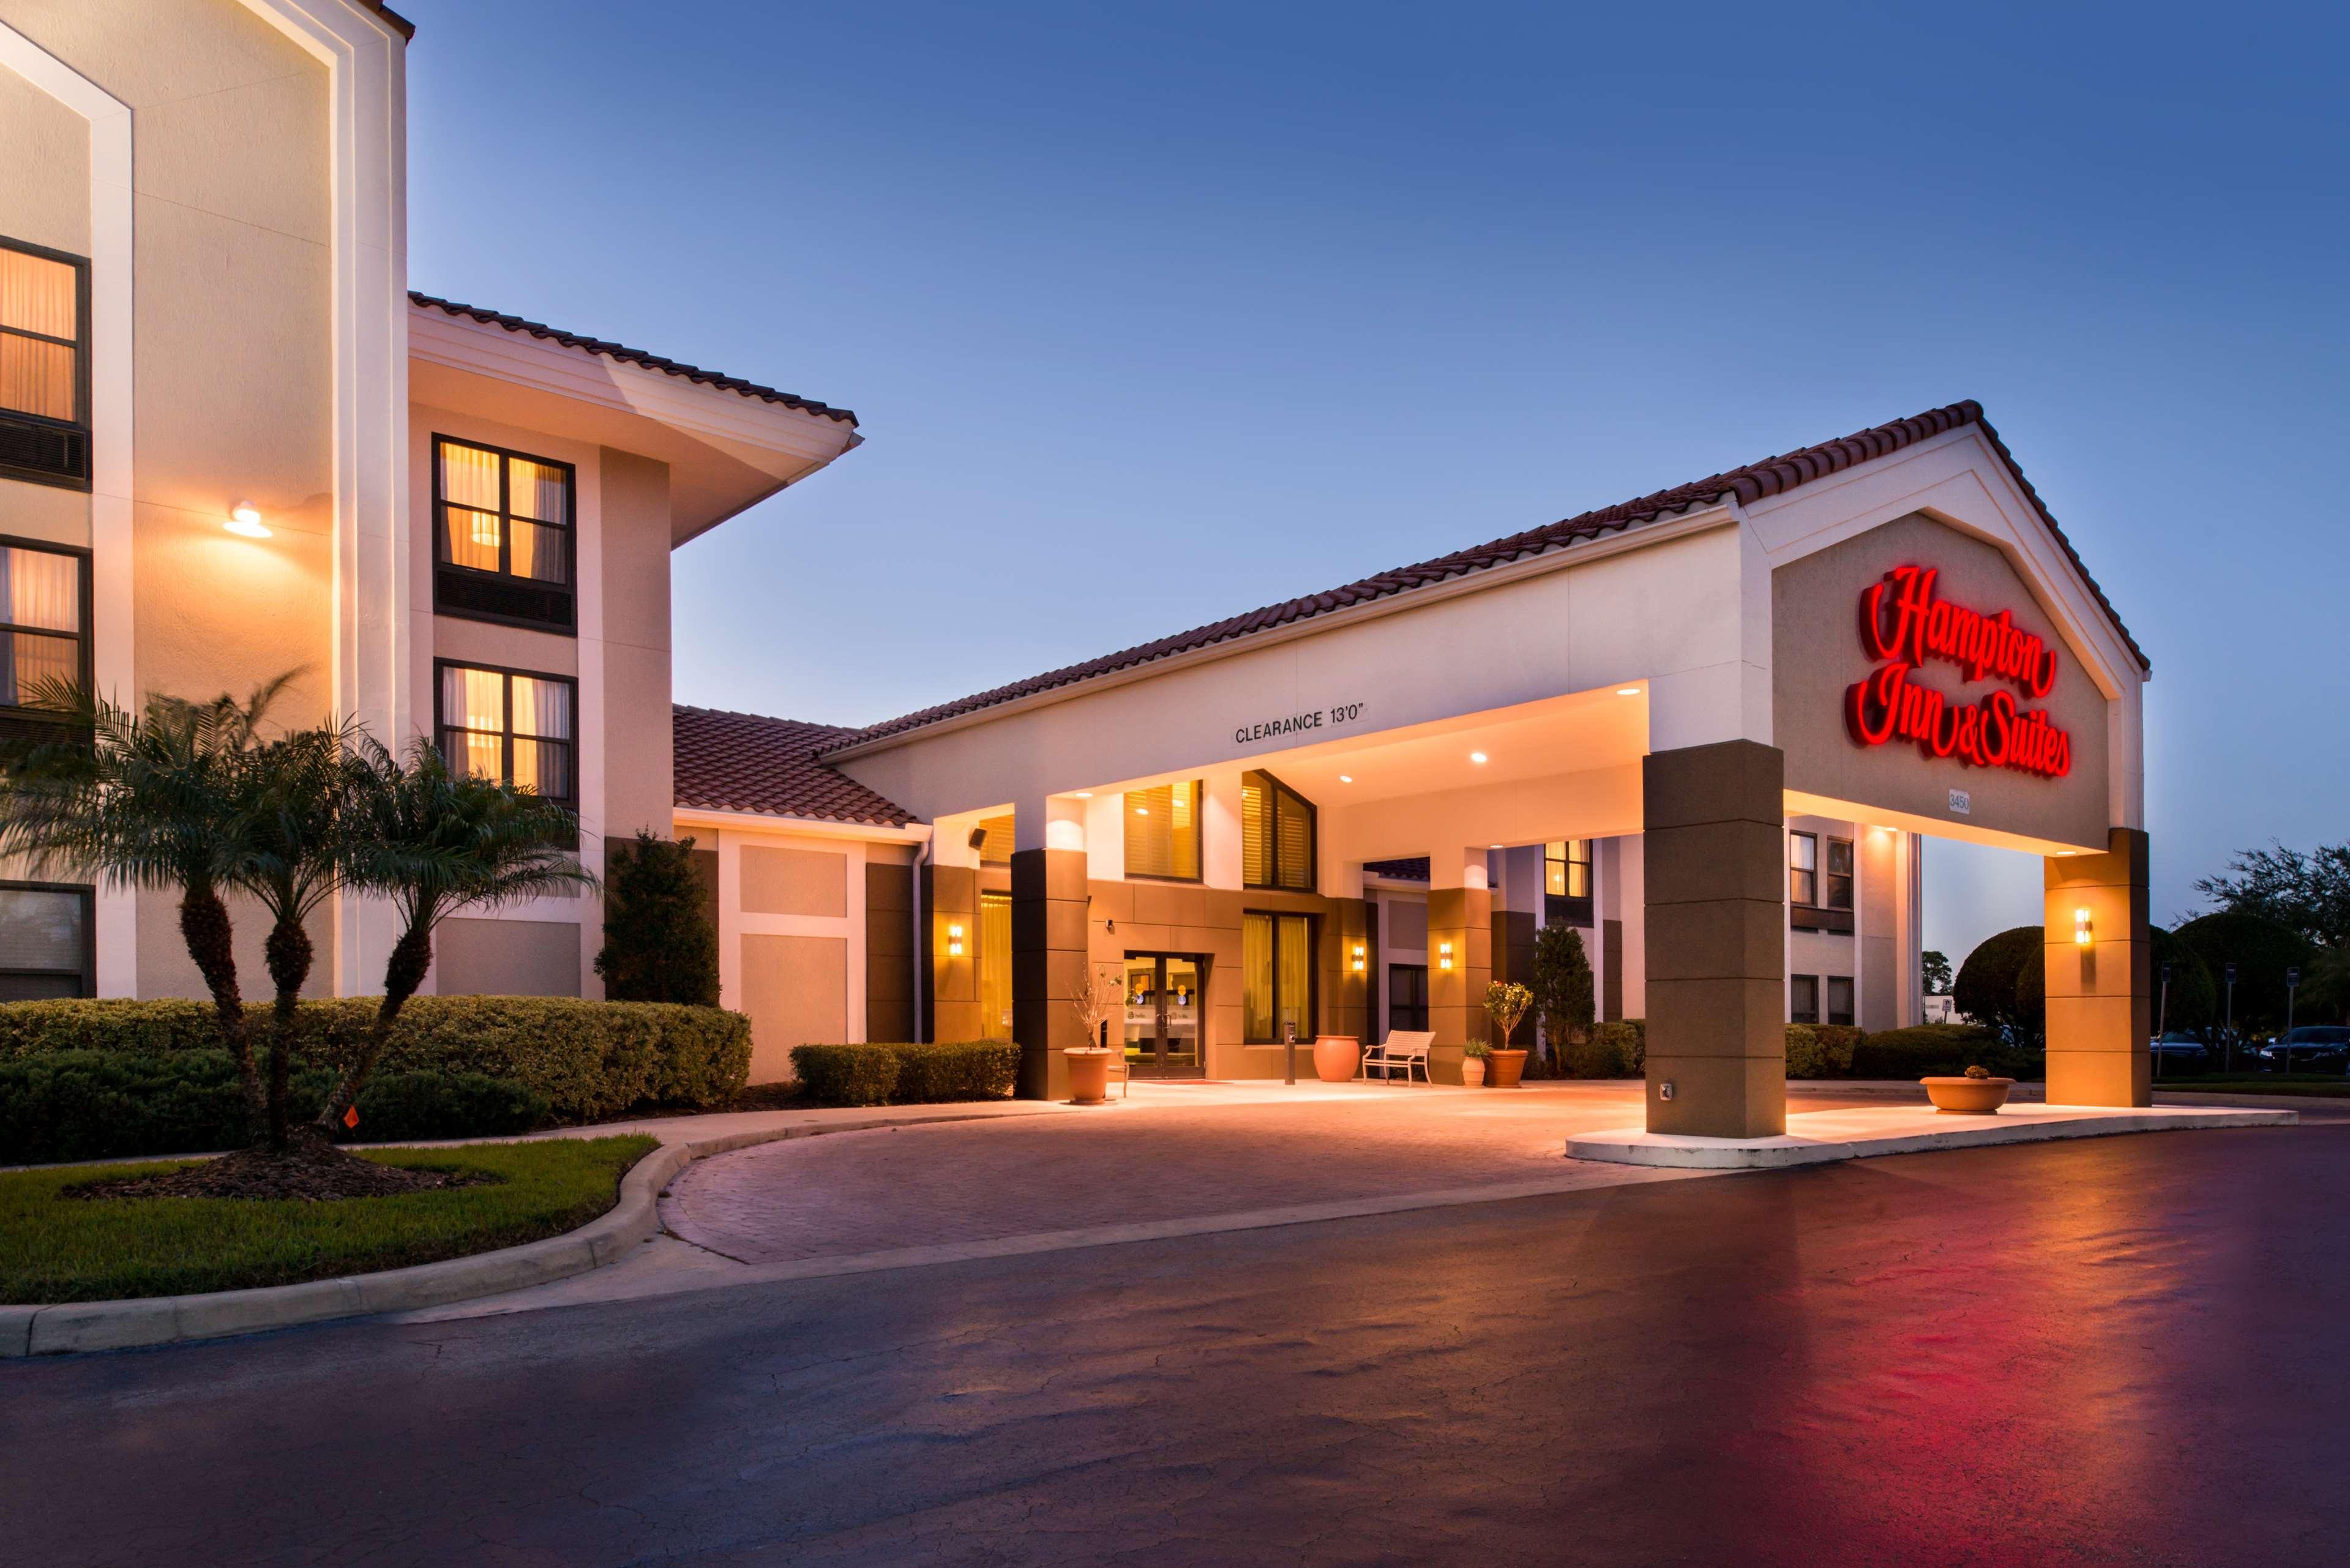 Hampton Inn & Suites Orlando/East UCF Area image 1